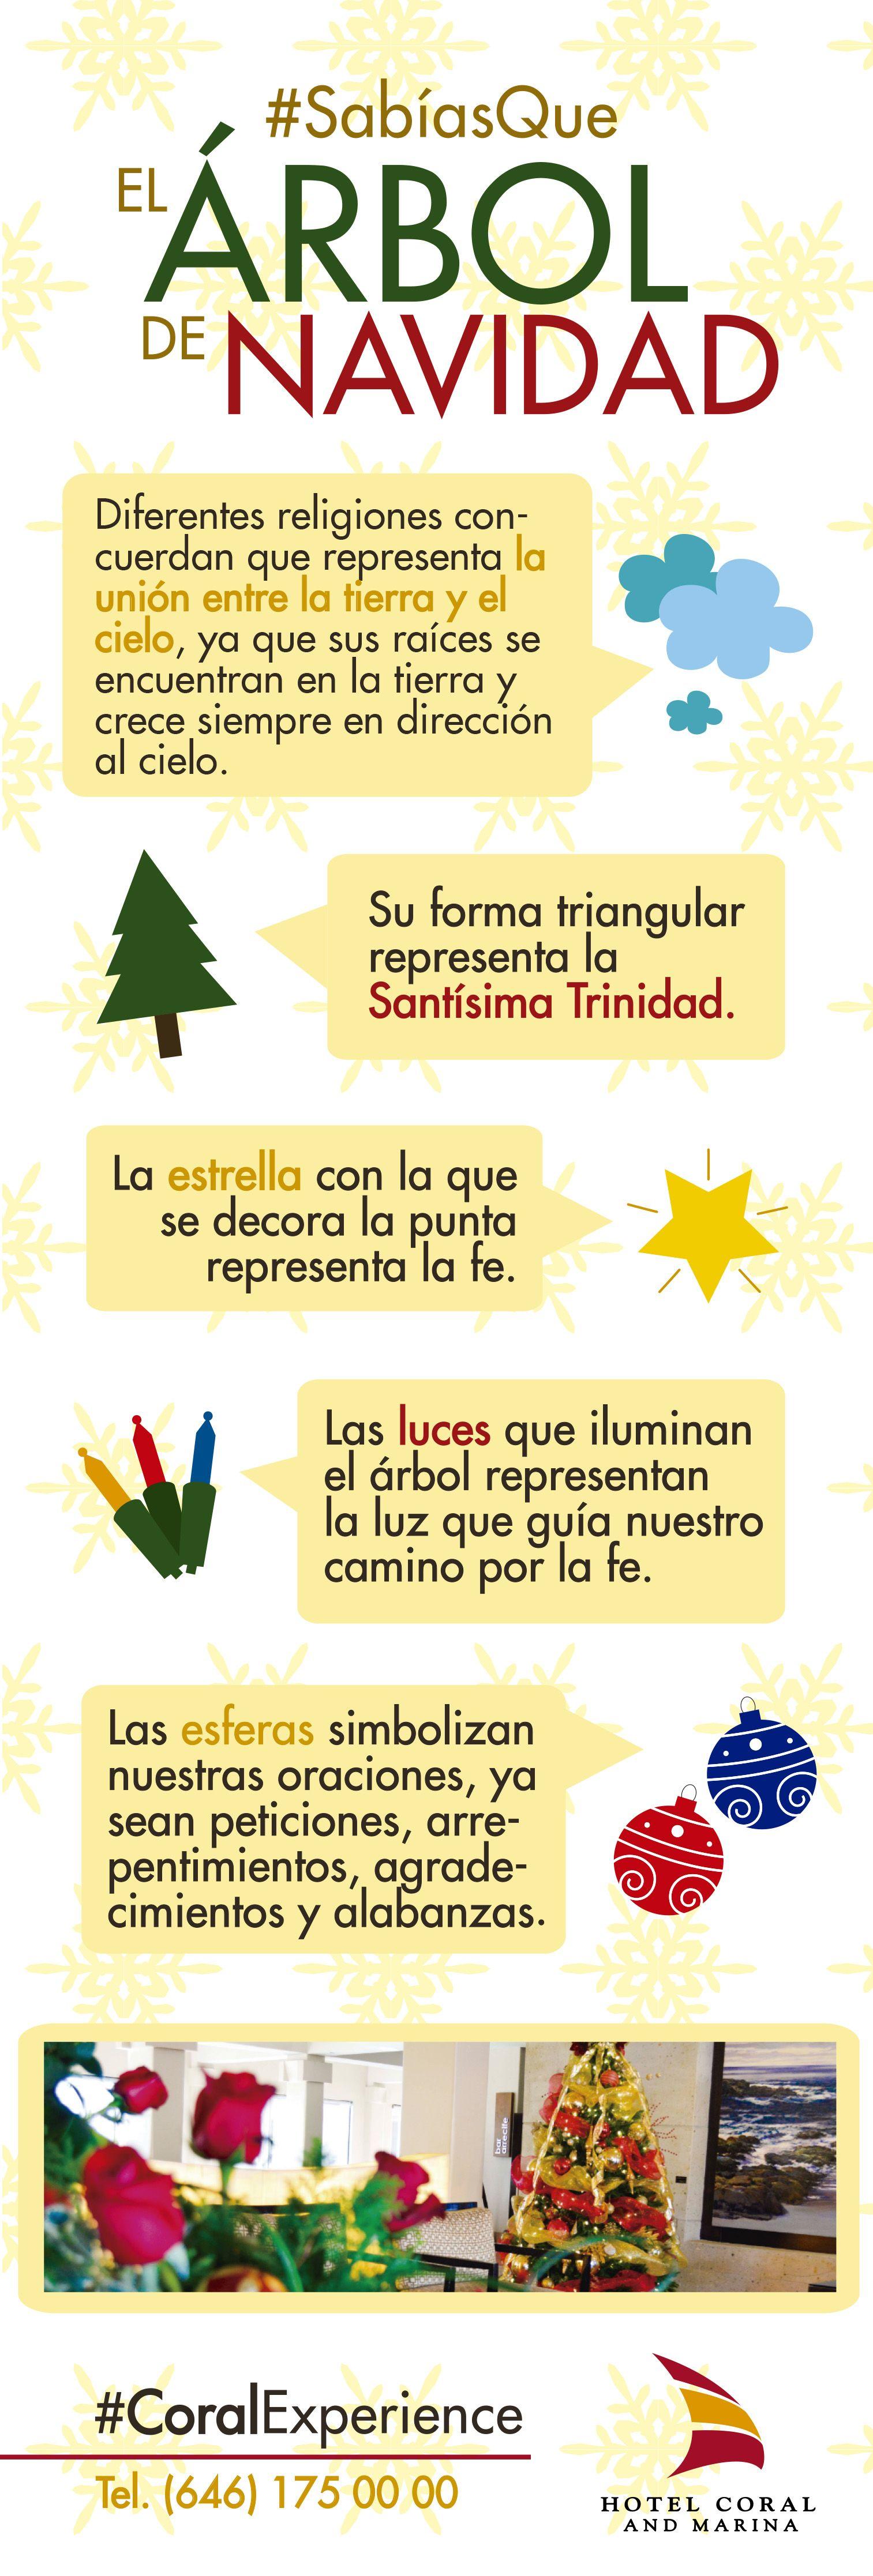 Sabiasque El Significado Del árbol De Navidad Vive Las épocas